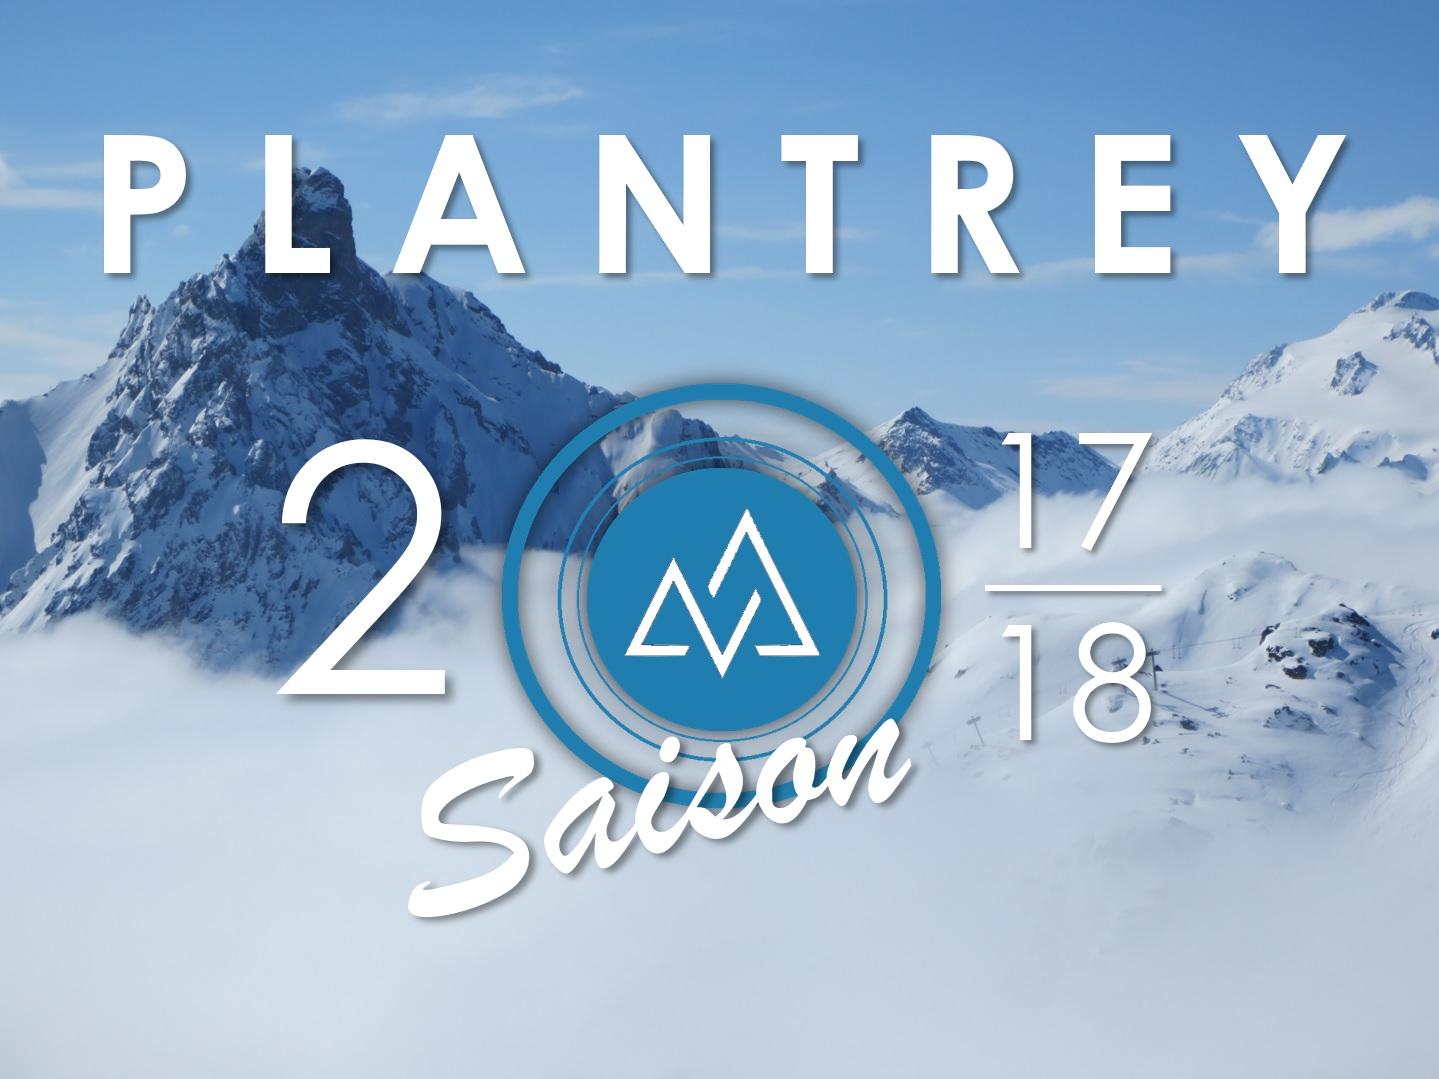 Plantrey - saison 2017/2018